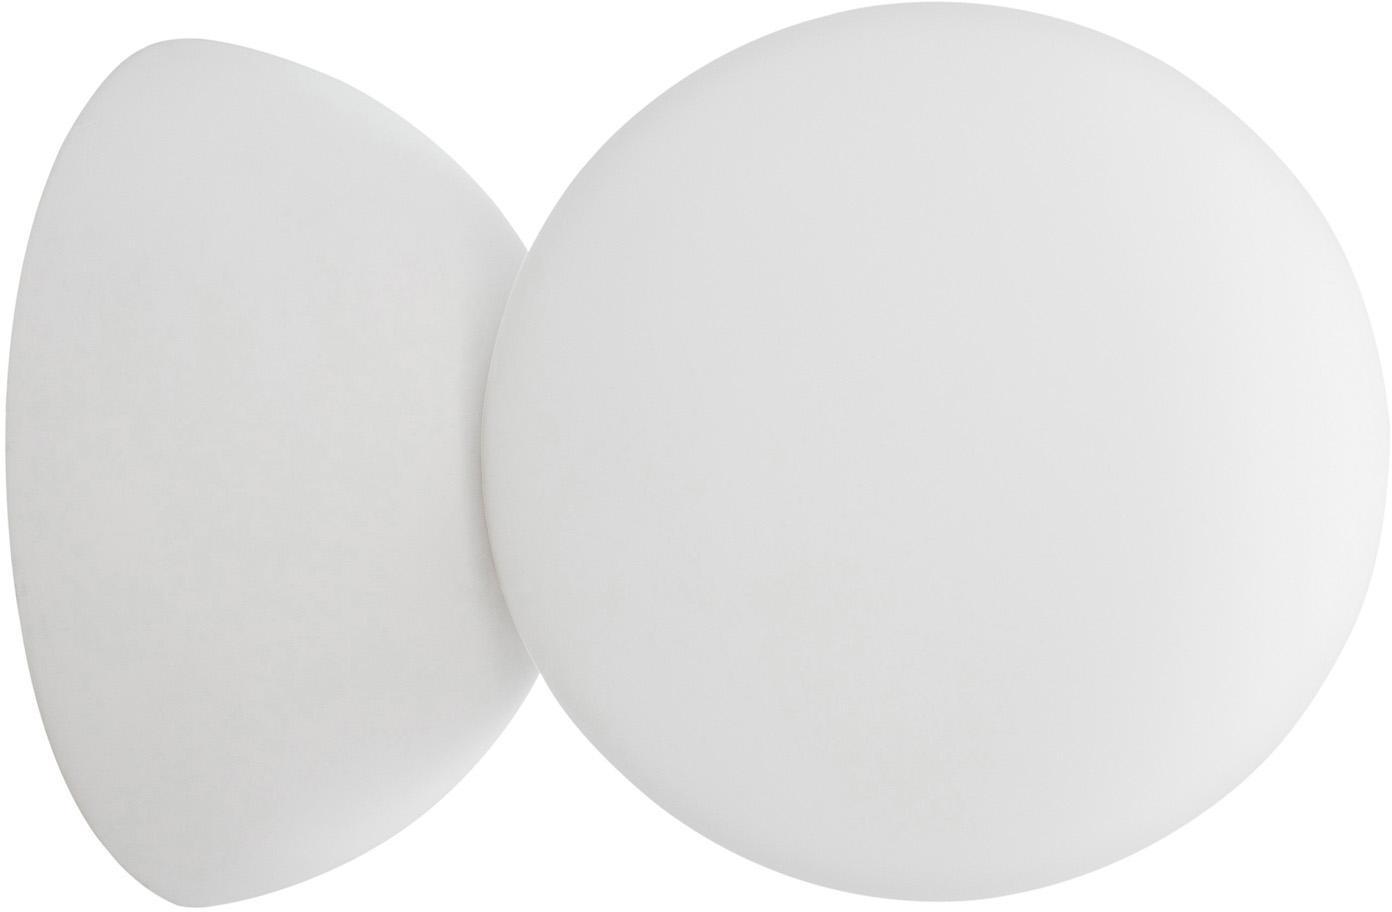 Wandleuchte Zero aus Opalglas, Lampenschirm: Opalglas, Weiss, Ø 10 x T 14 cm